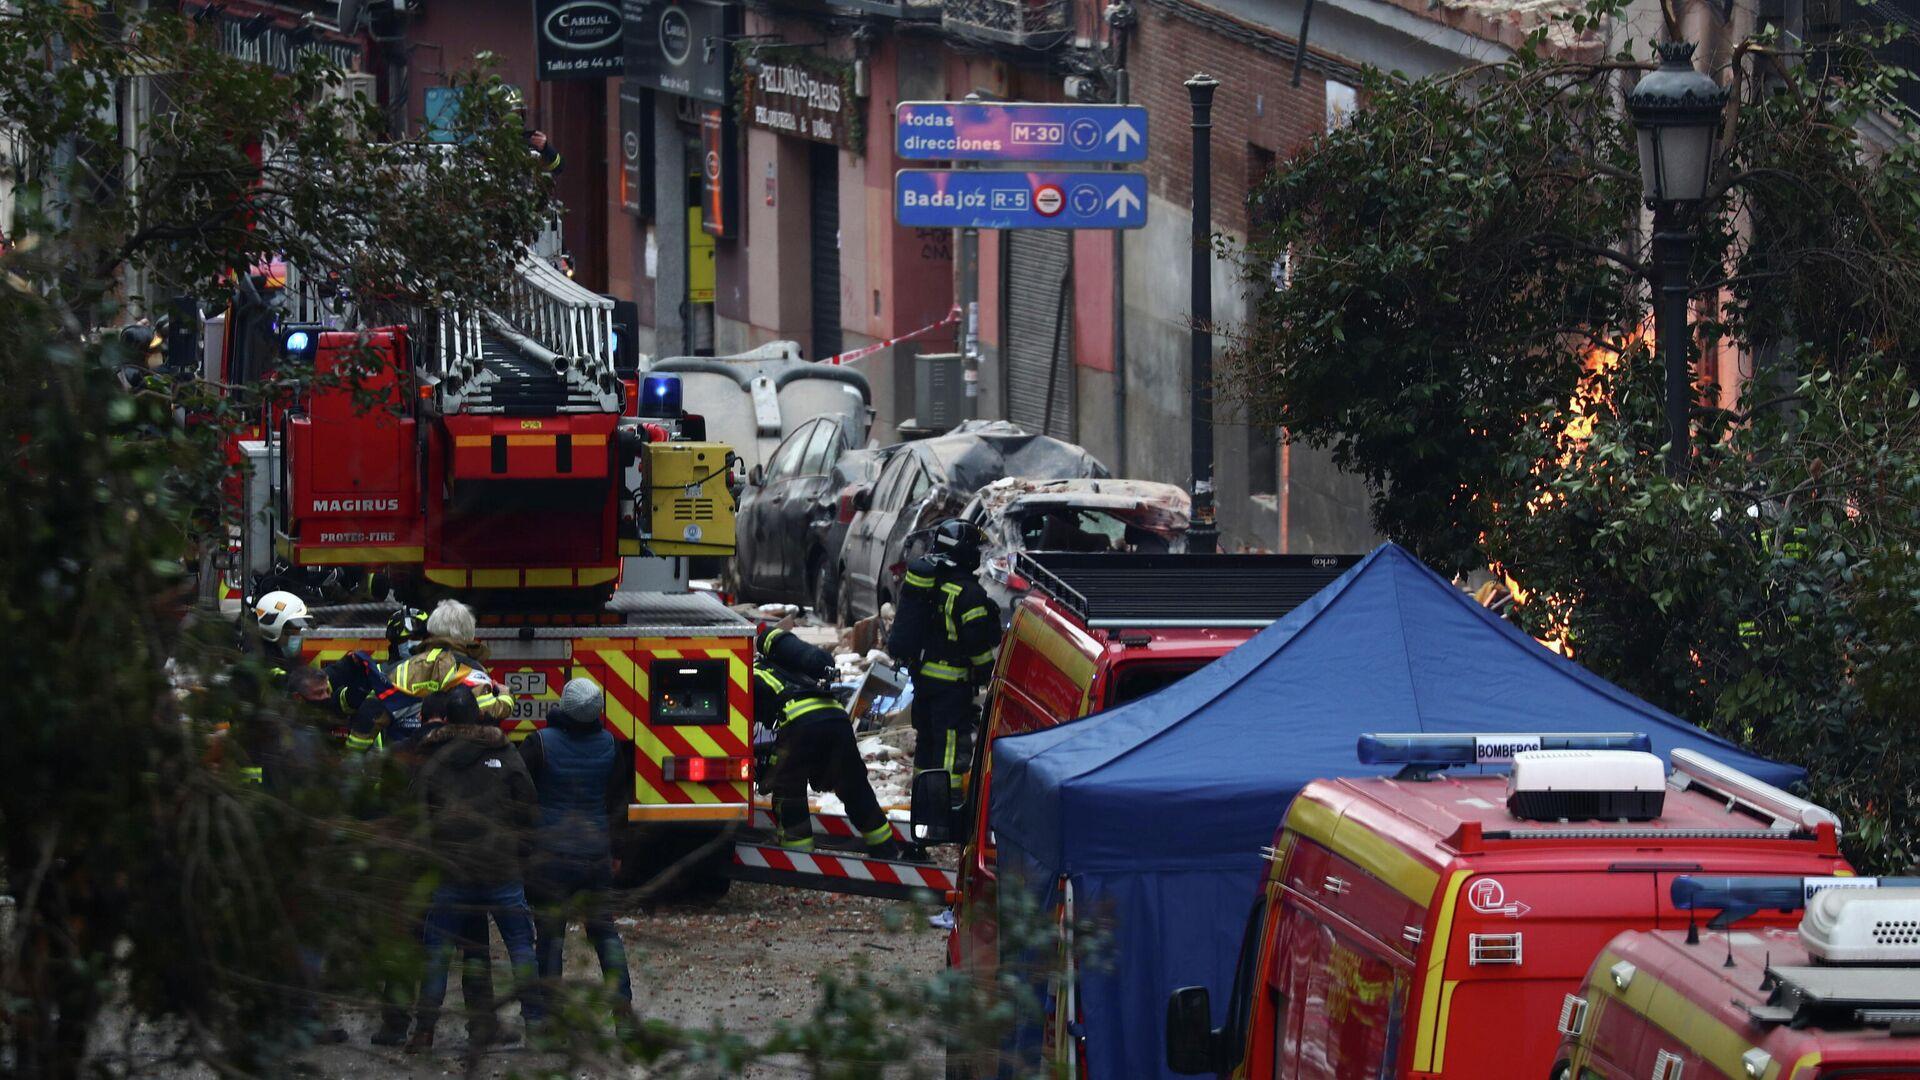 Пожарные на месте взрыва здания в Мадриде - РИА Новости, 1920, 20.01.2021